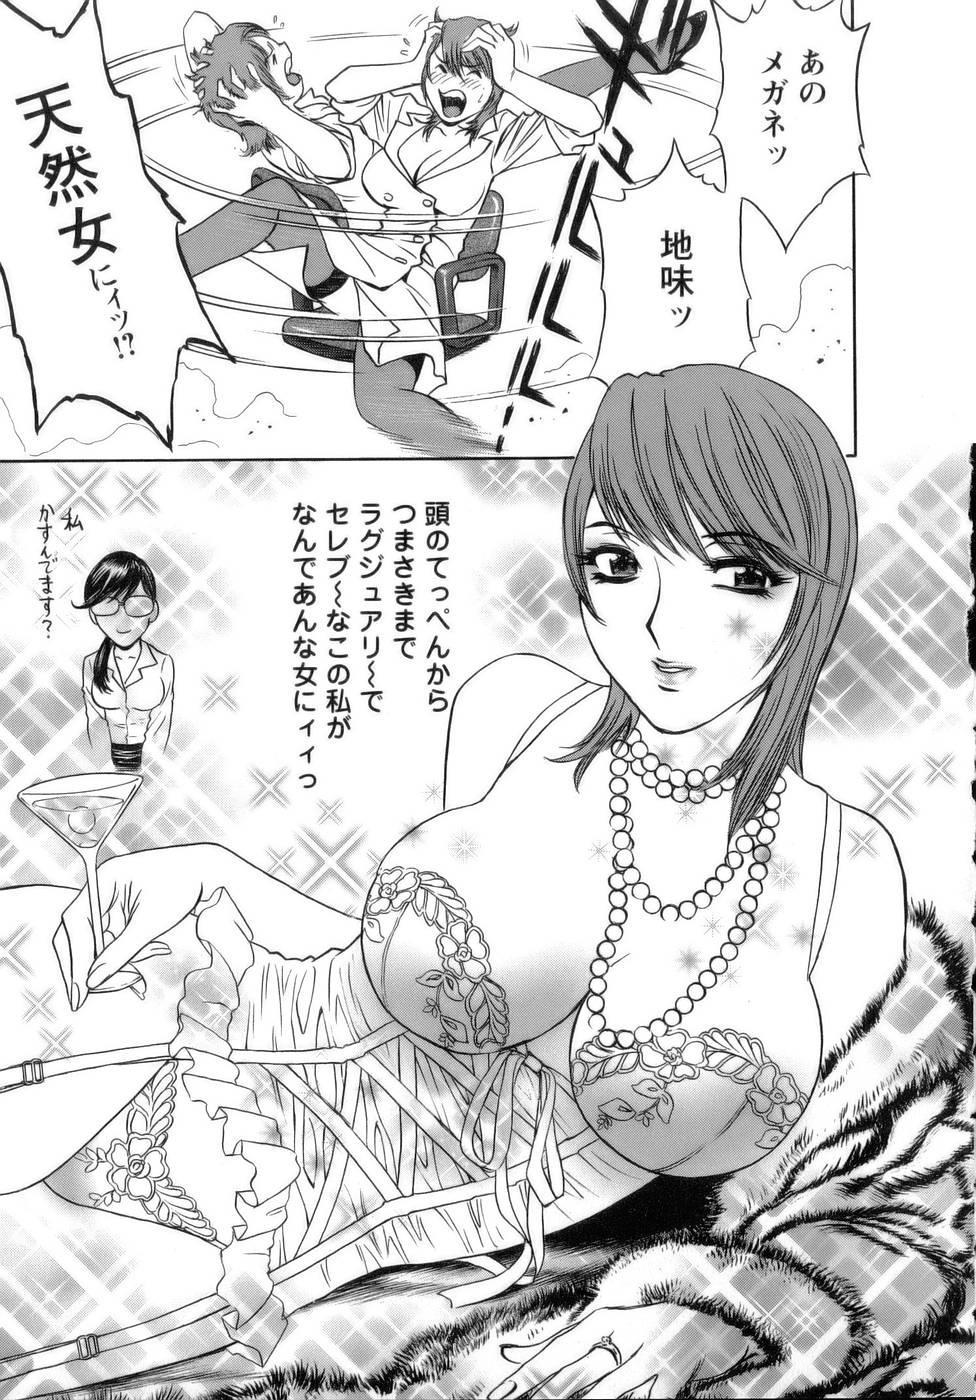 [Hidemaru] Mo-Retsu! Boin Sensei (Boing Boing Teacher) Vol.1 56